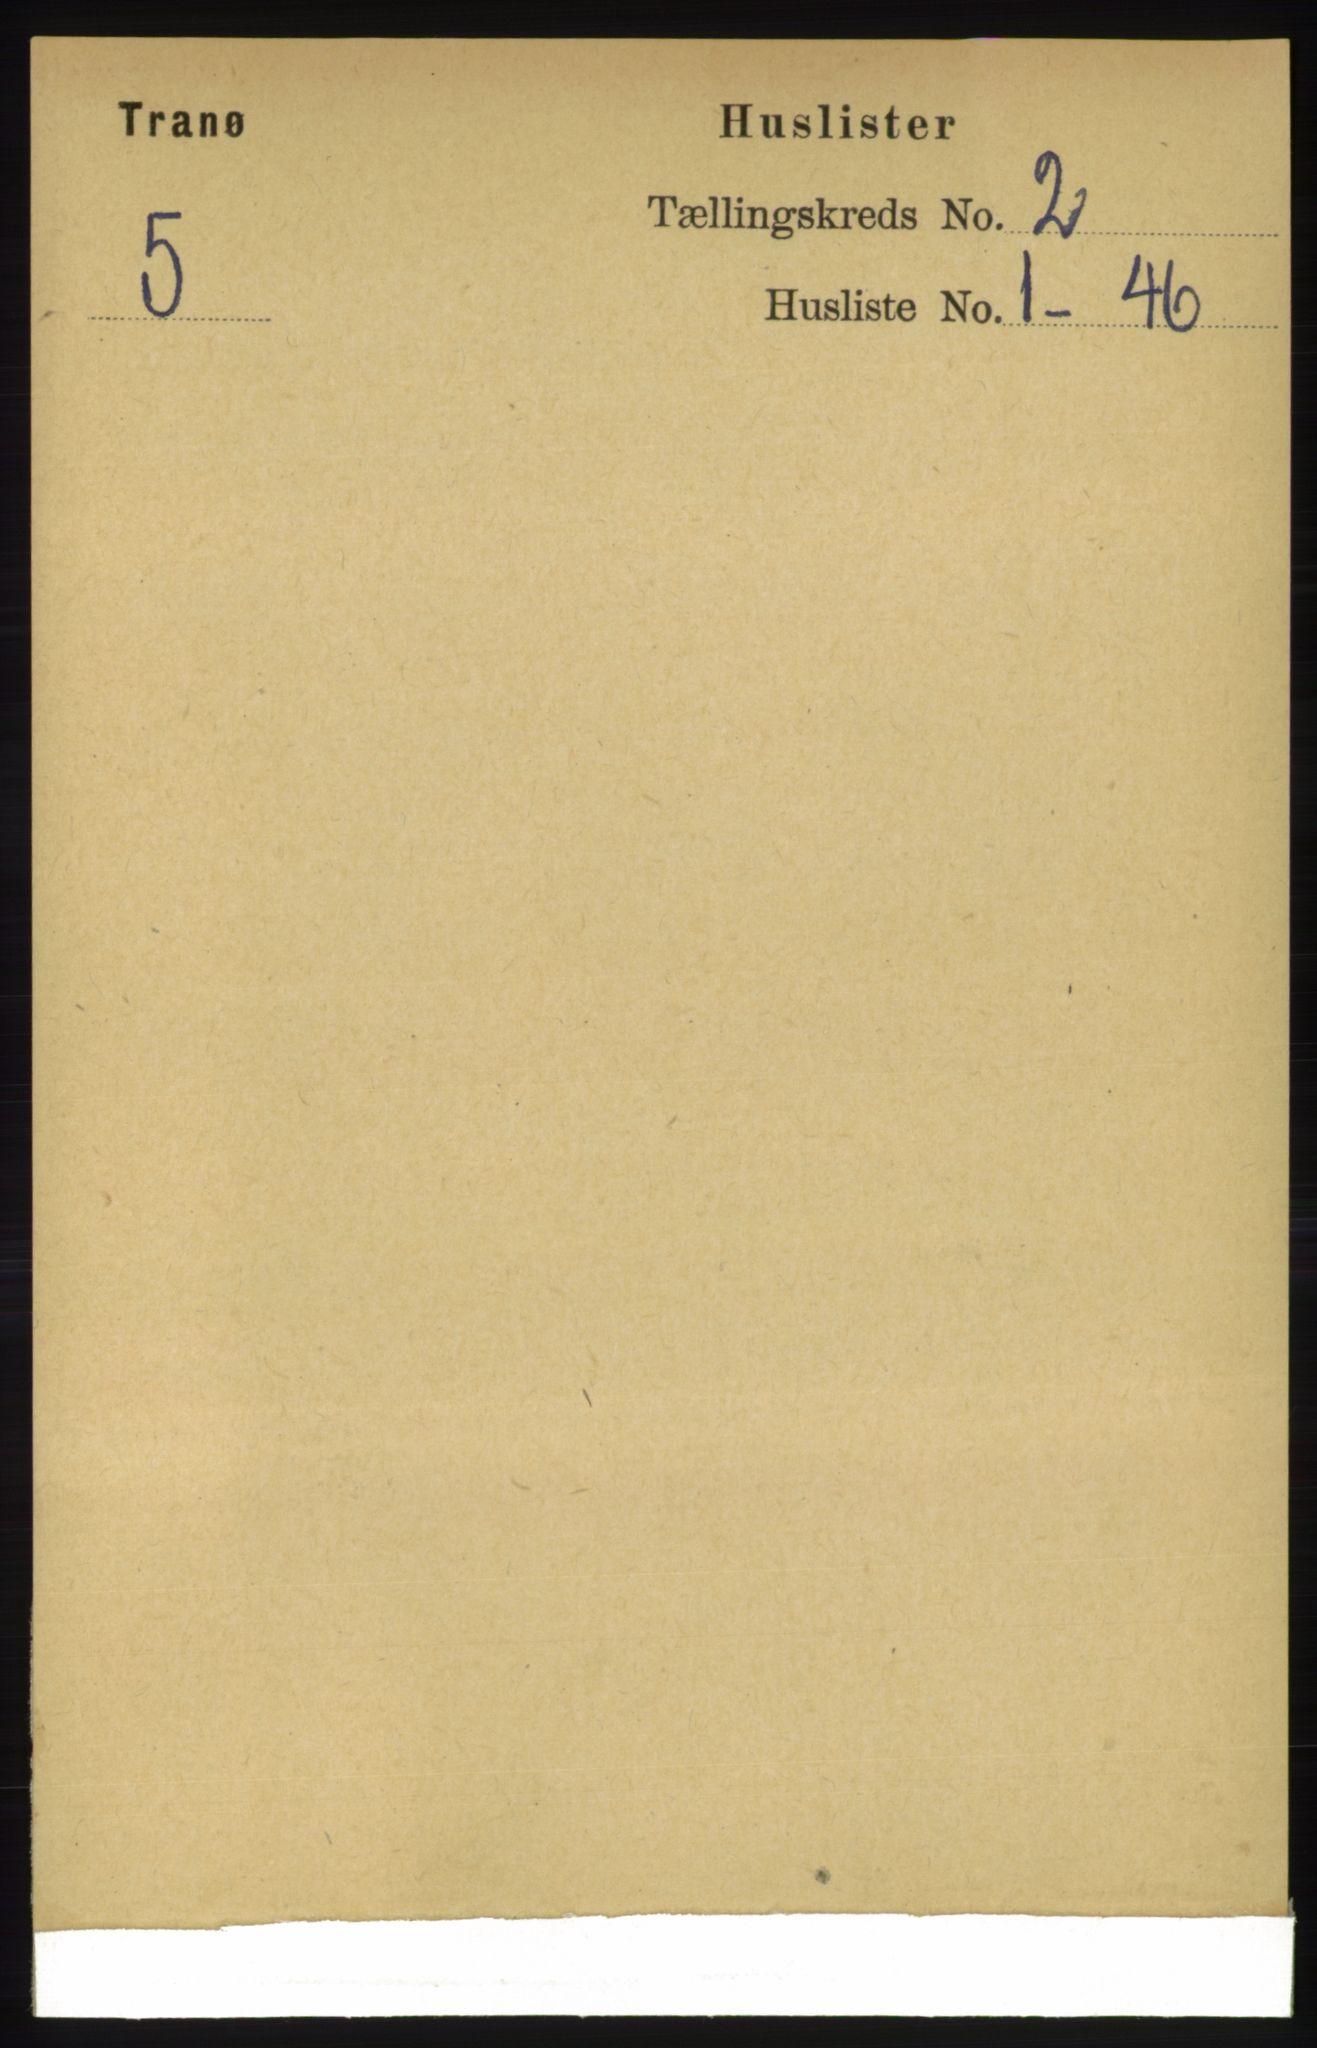 RA, Folketelling 1891 for 1927 Tranøy herred, 1891, s. 433